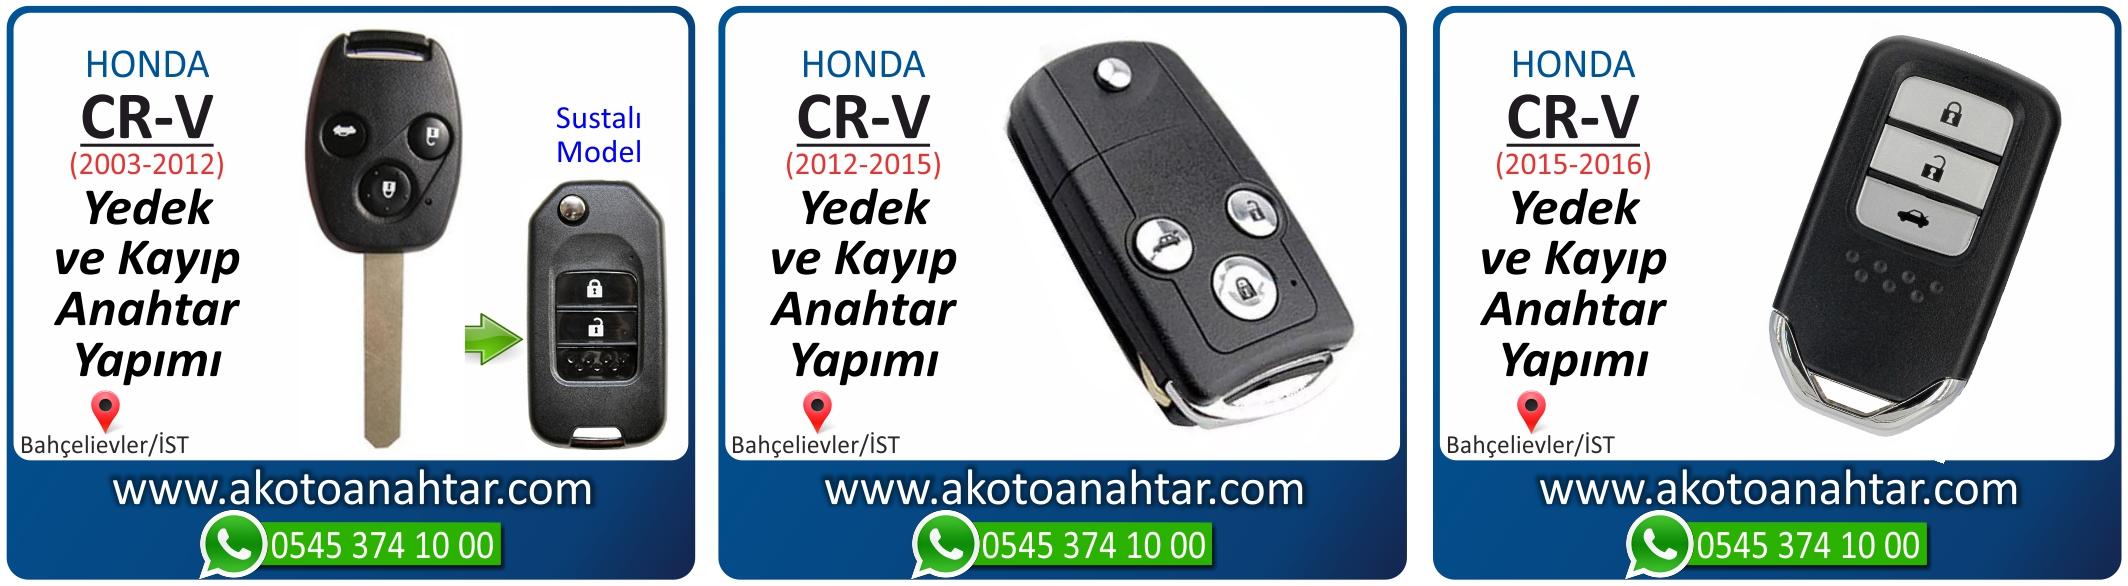 honda cr v anahtari - Honda CR-V Anahtarı | Yedek ve Kayıp Anahtar Yapımı